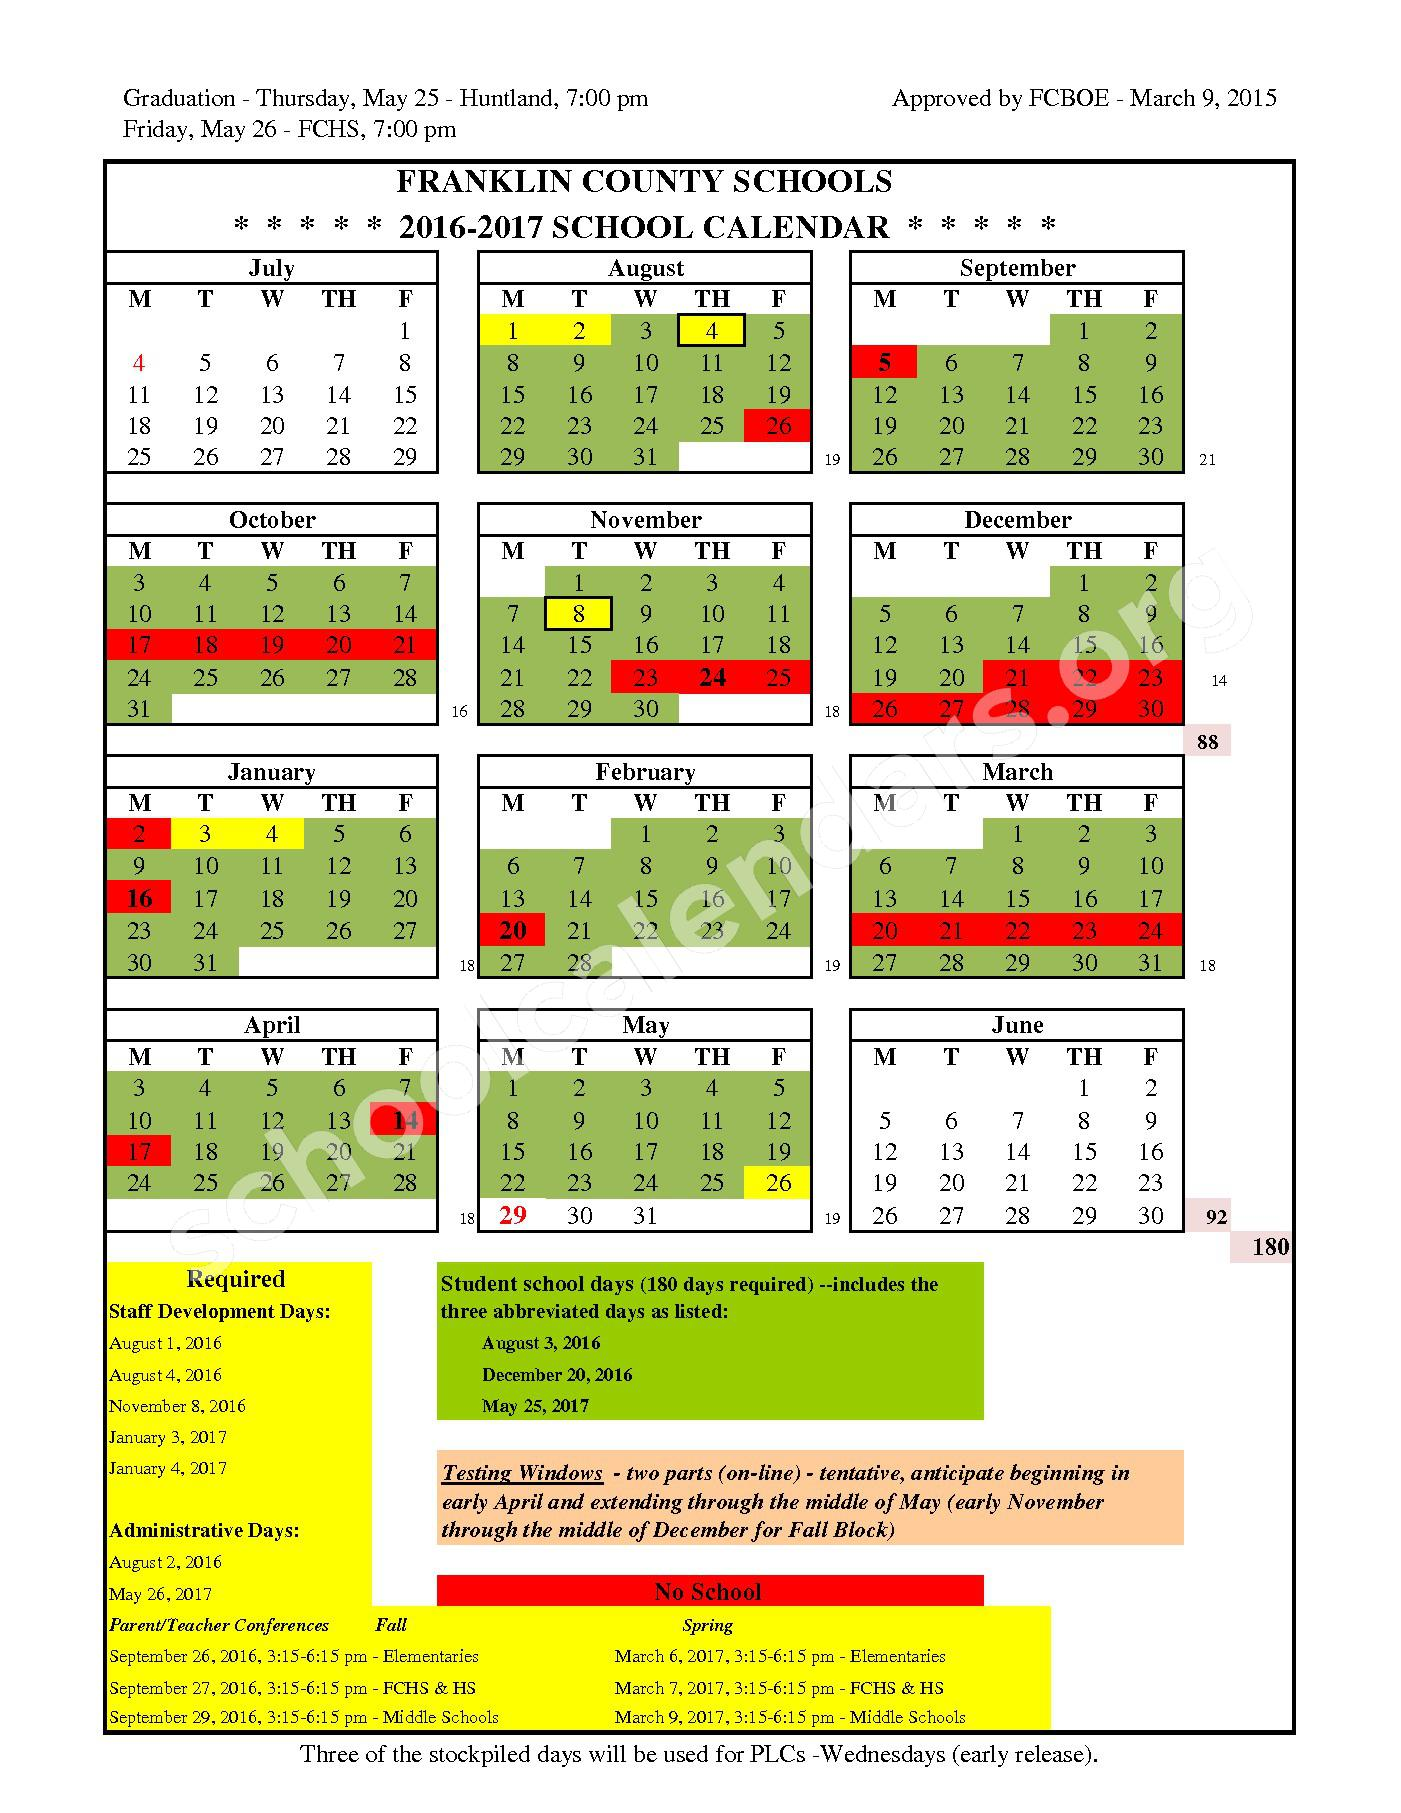 2016 - 2017 School Calendar page 1